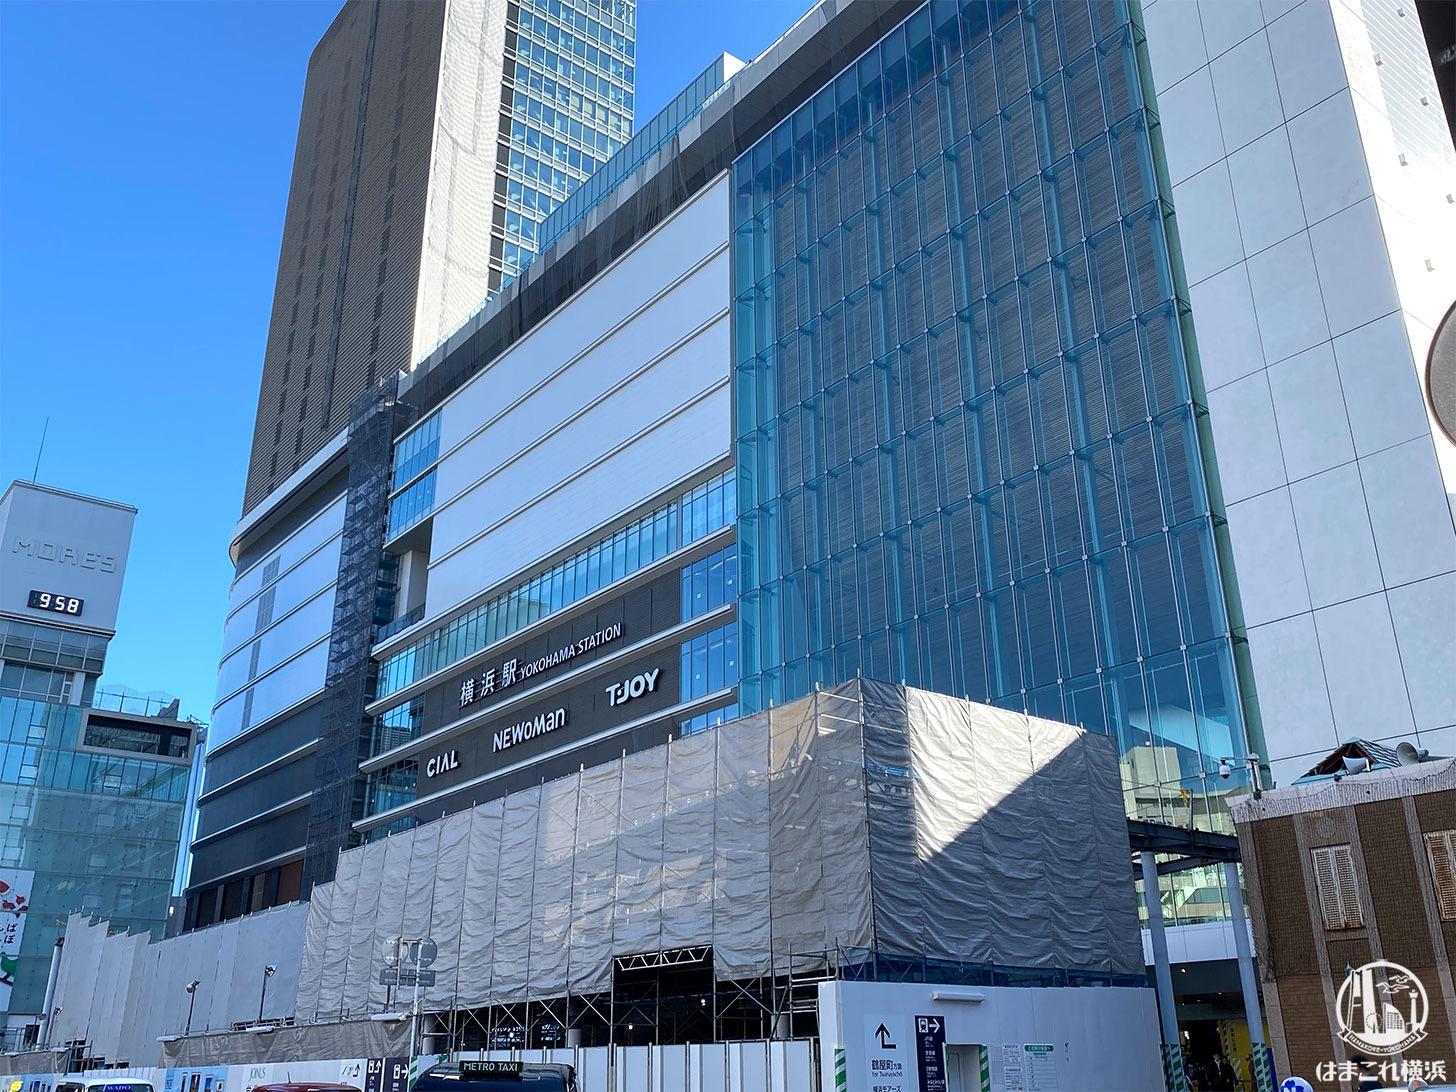 横浜西口駅前 白い囲い